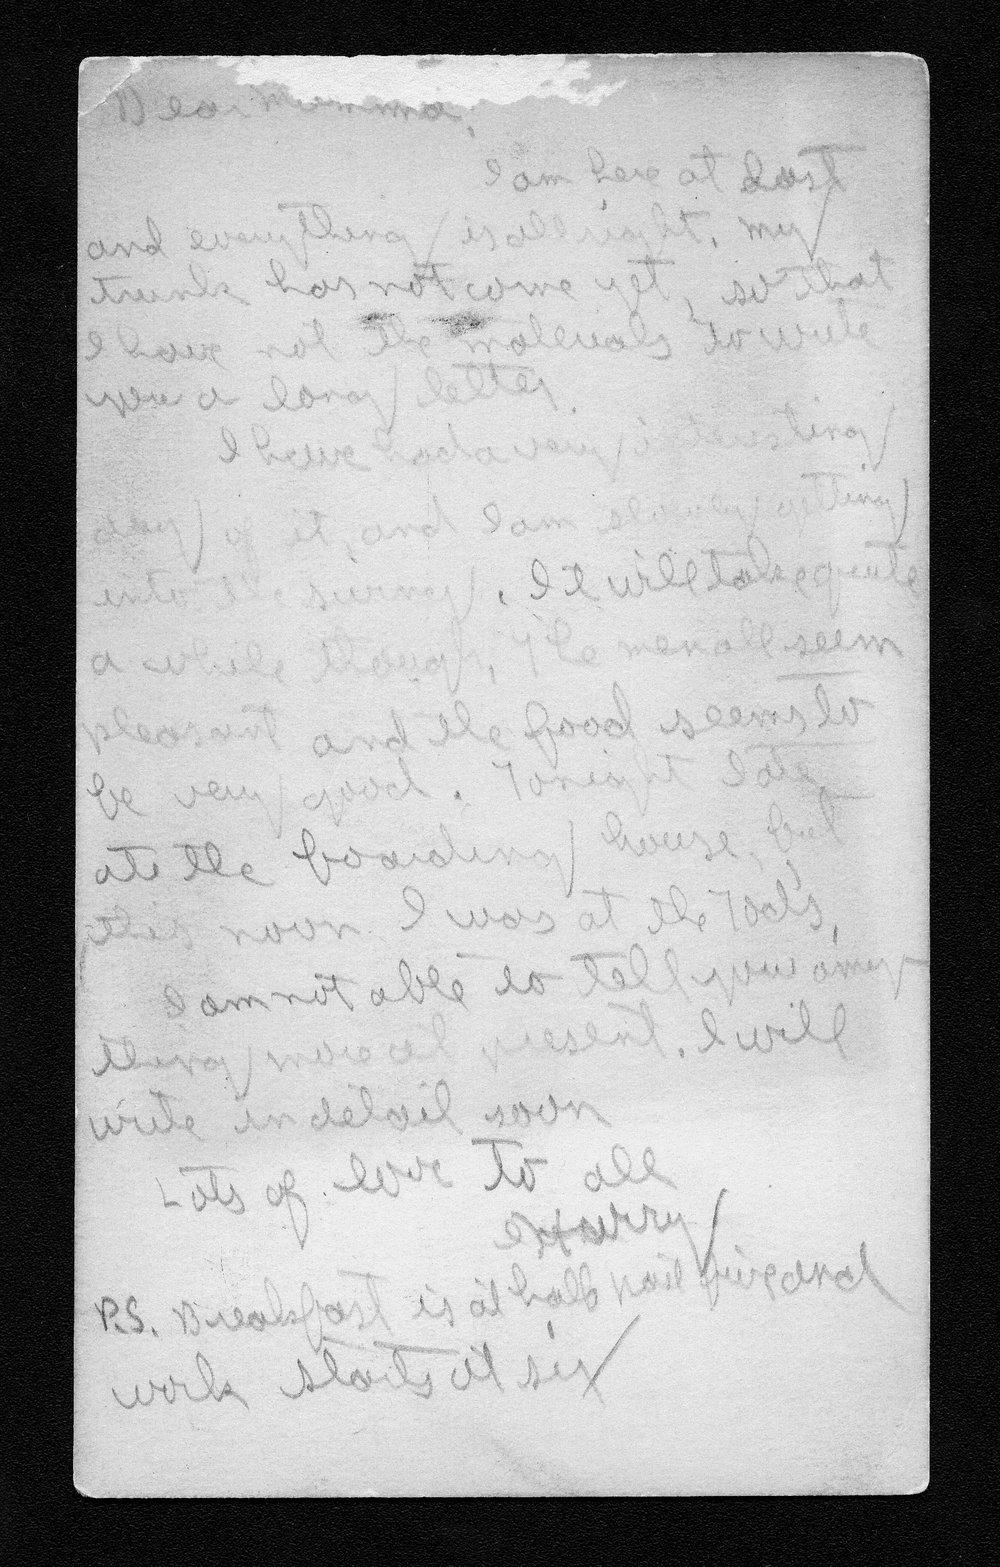 Harry Fine correspondence - 8